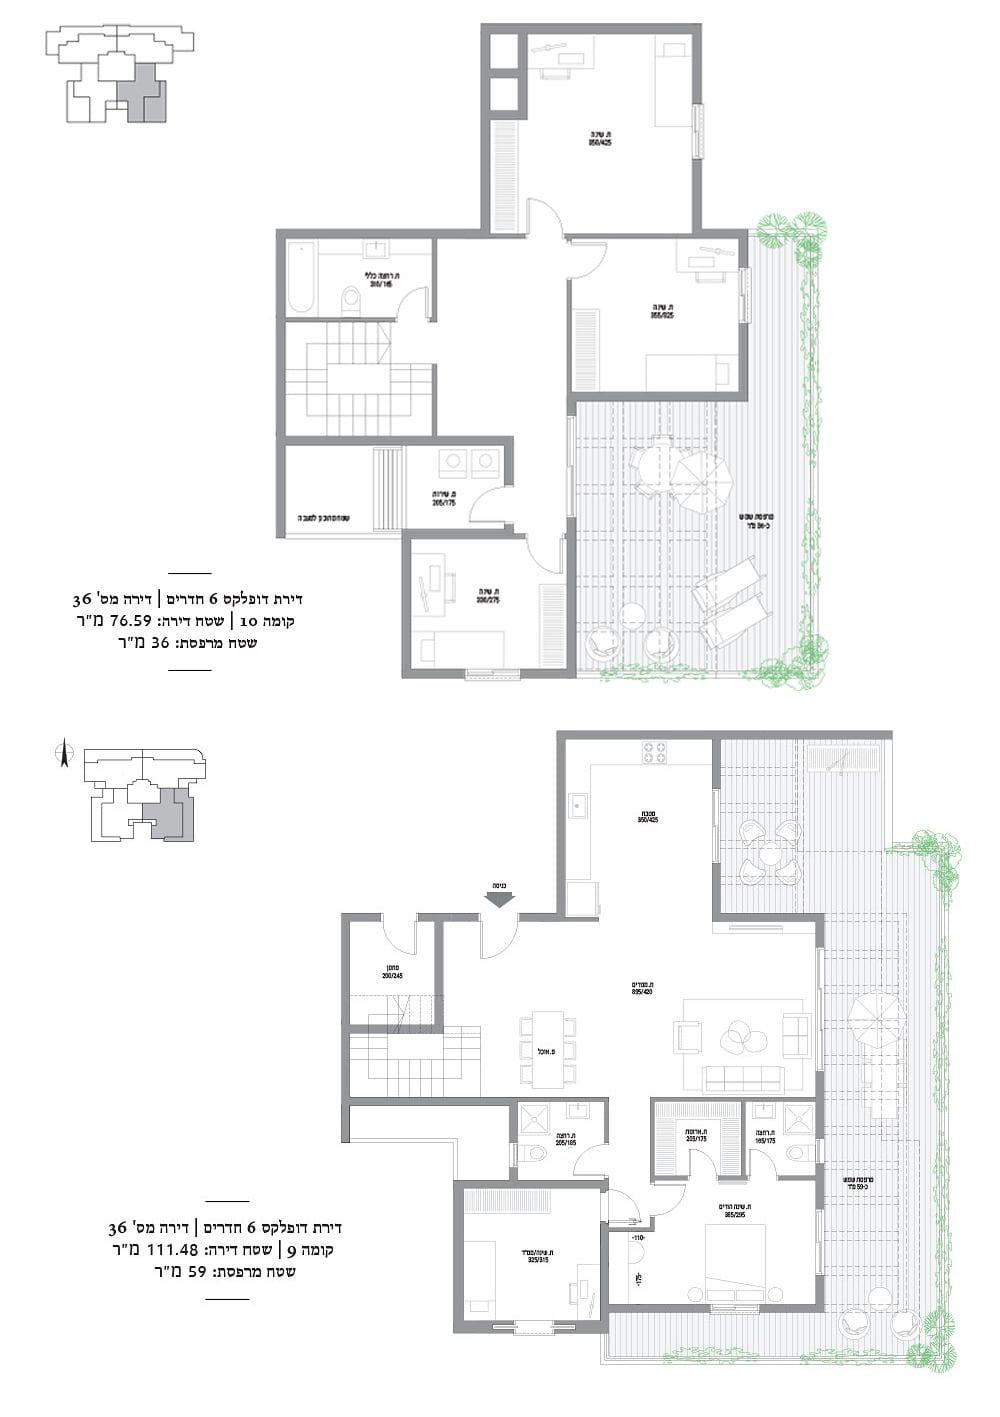 דופלקס 6 חדרים מספר 36: קומות 9-10